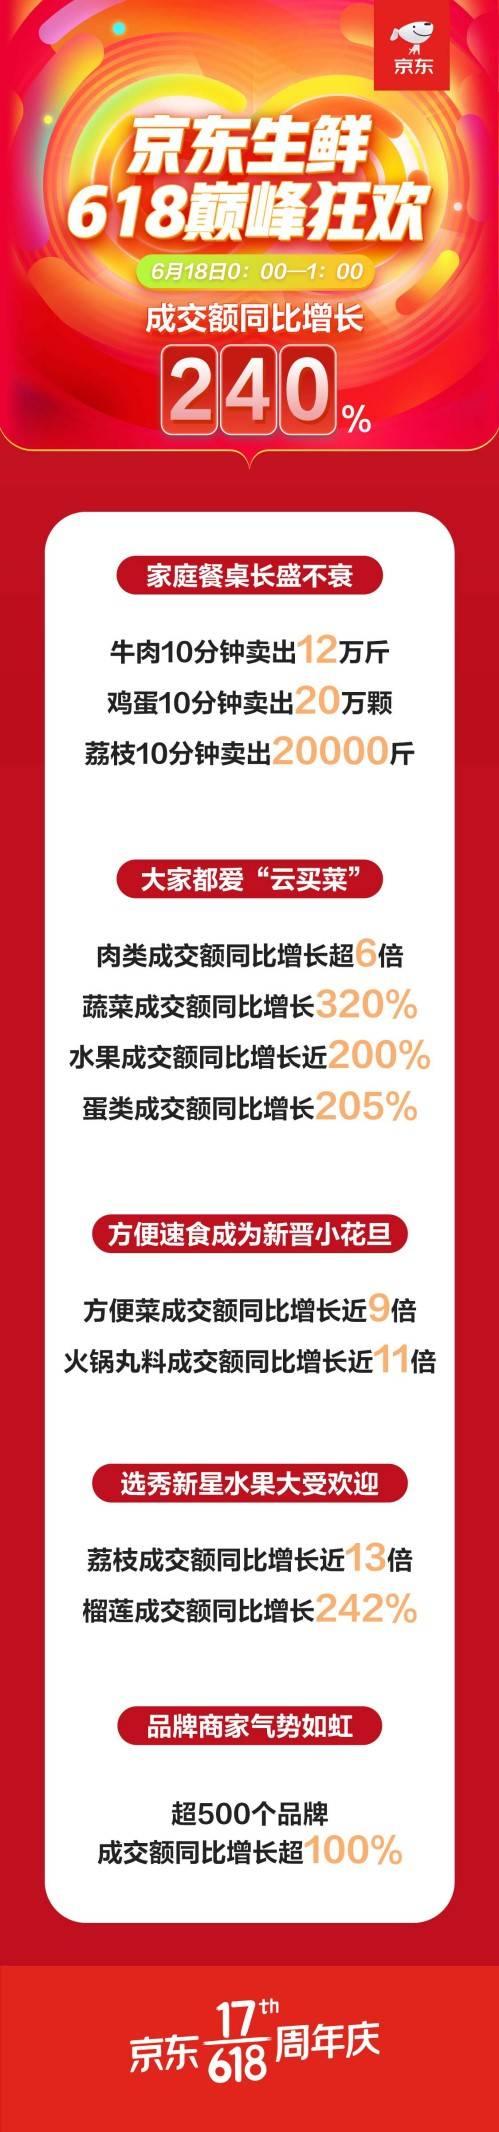 京东618尽显主场地位,生鲜品类1小时成交额同比增长240%